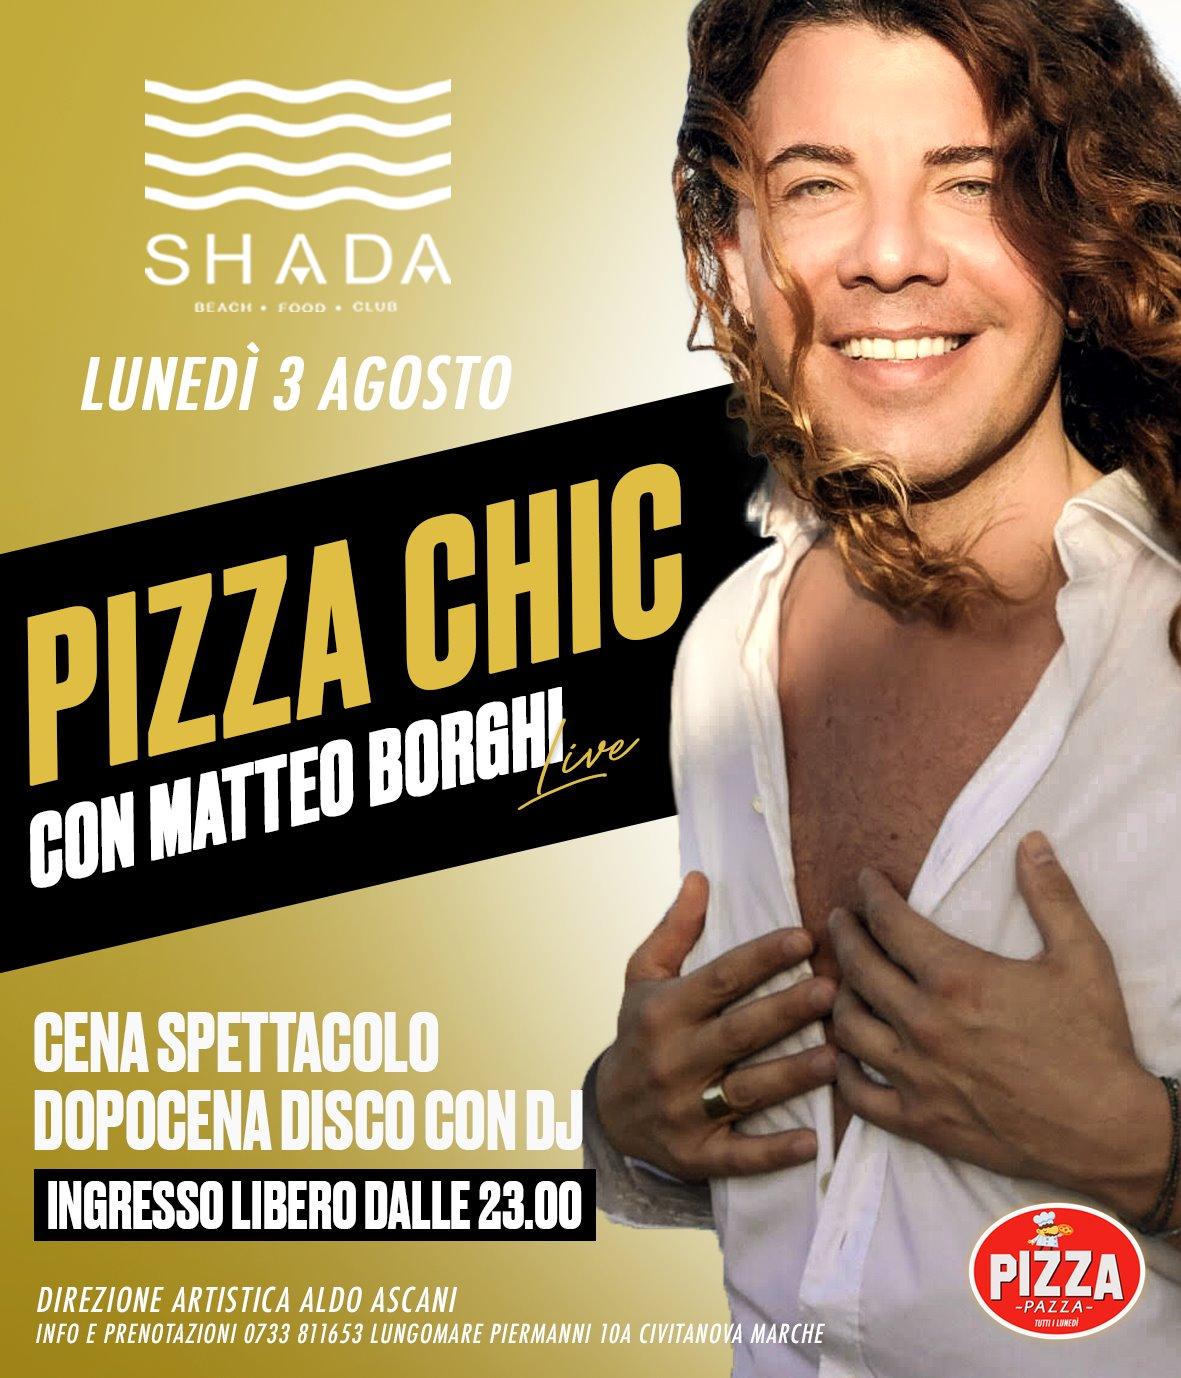 Matteo Borghi allo Shada di Civitanova Marche